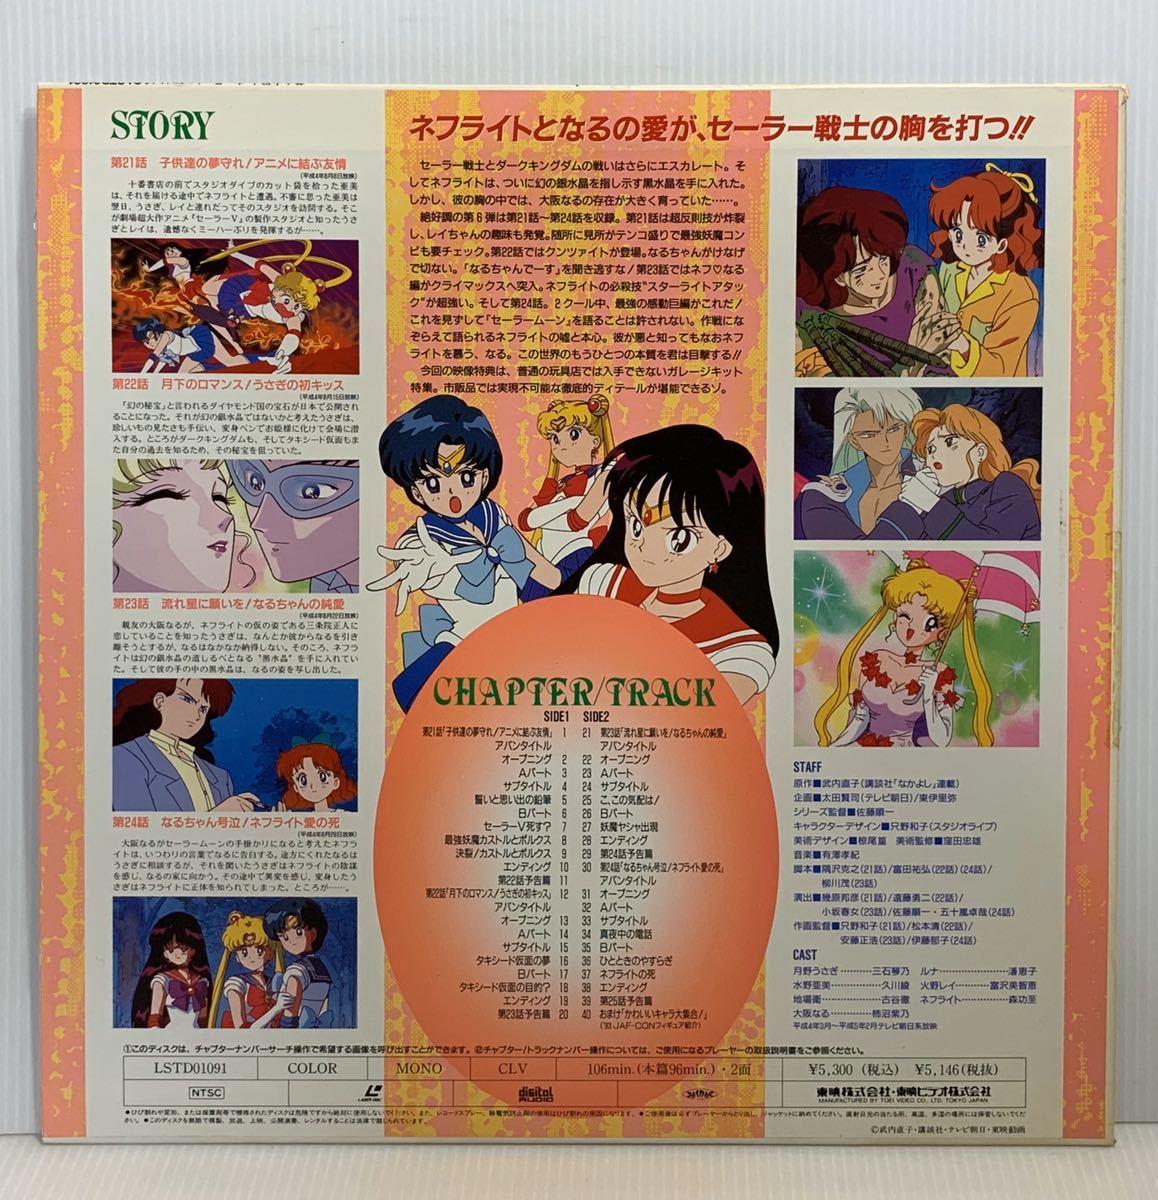 美少女戦士セーラームーン Vol.6 レーザーディスク LD 東映株式会社_画像3